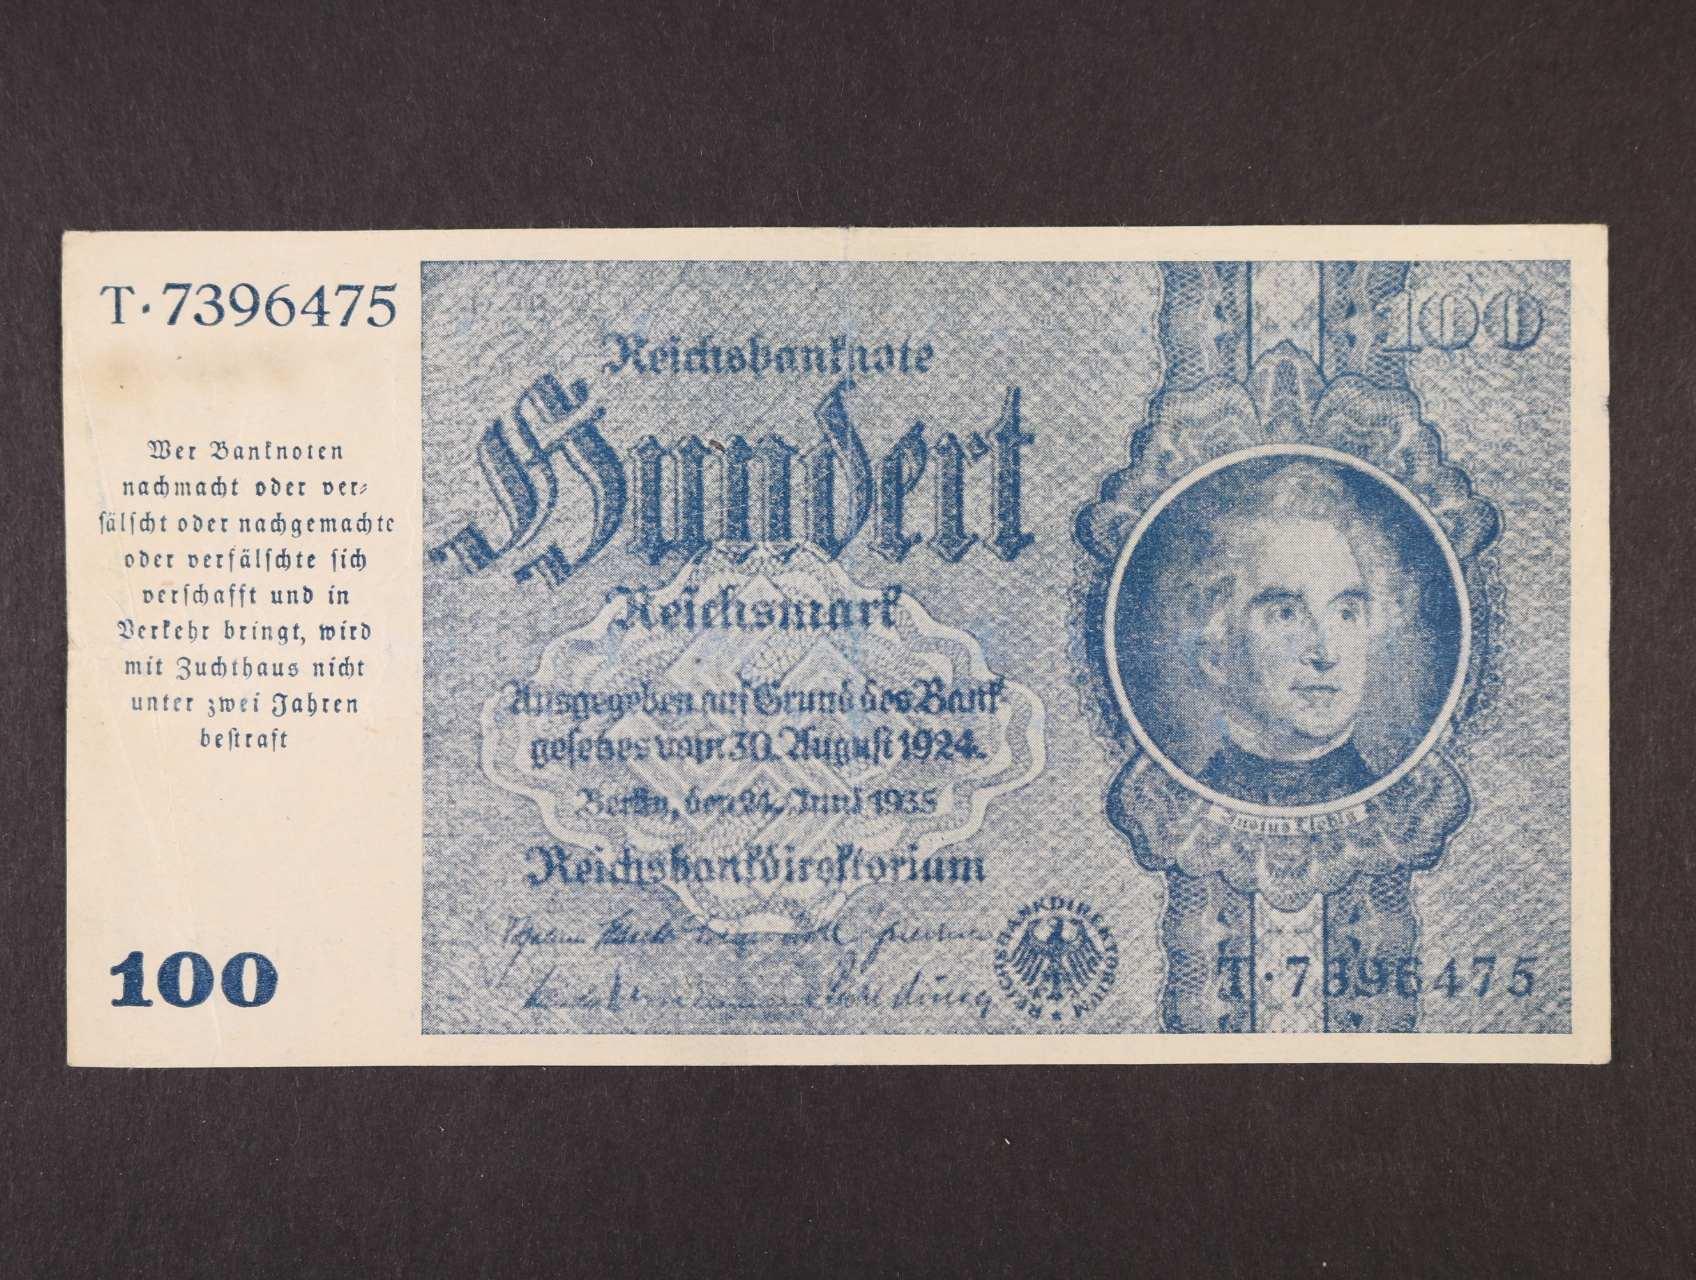 vydání pro Graz, Linz a Salzburg, 100 Rm 24.6.1935, Ro. 182